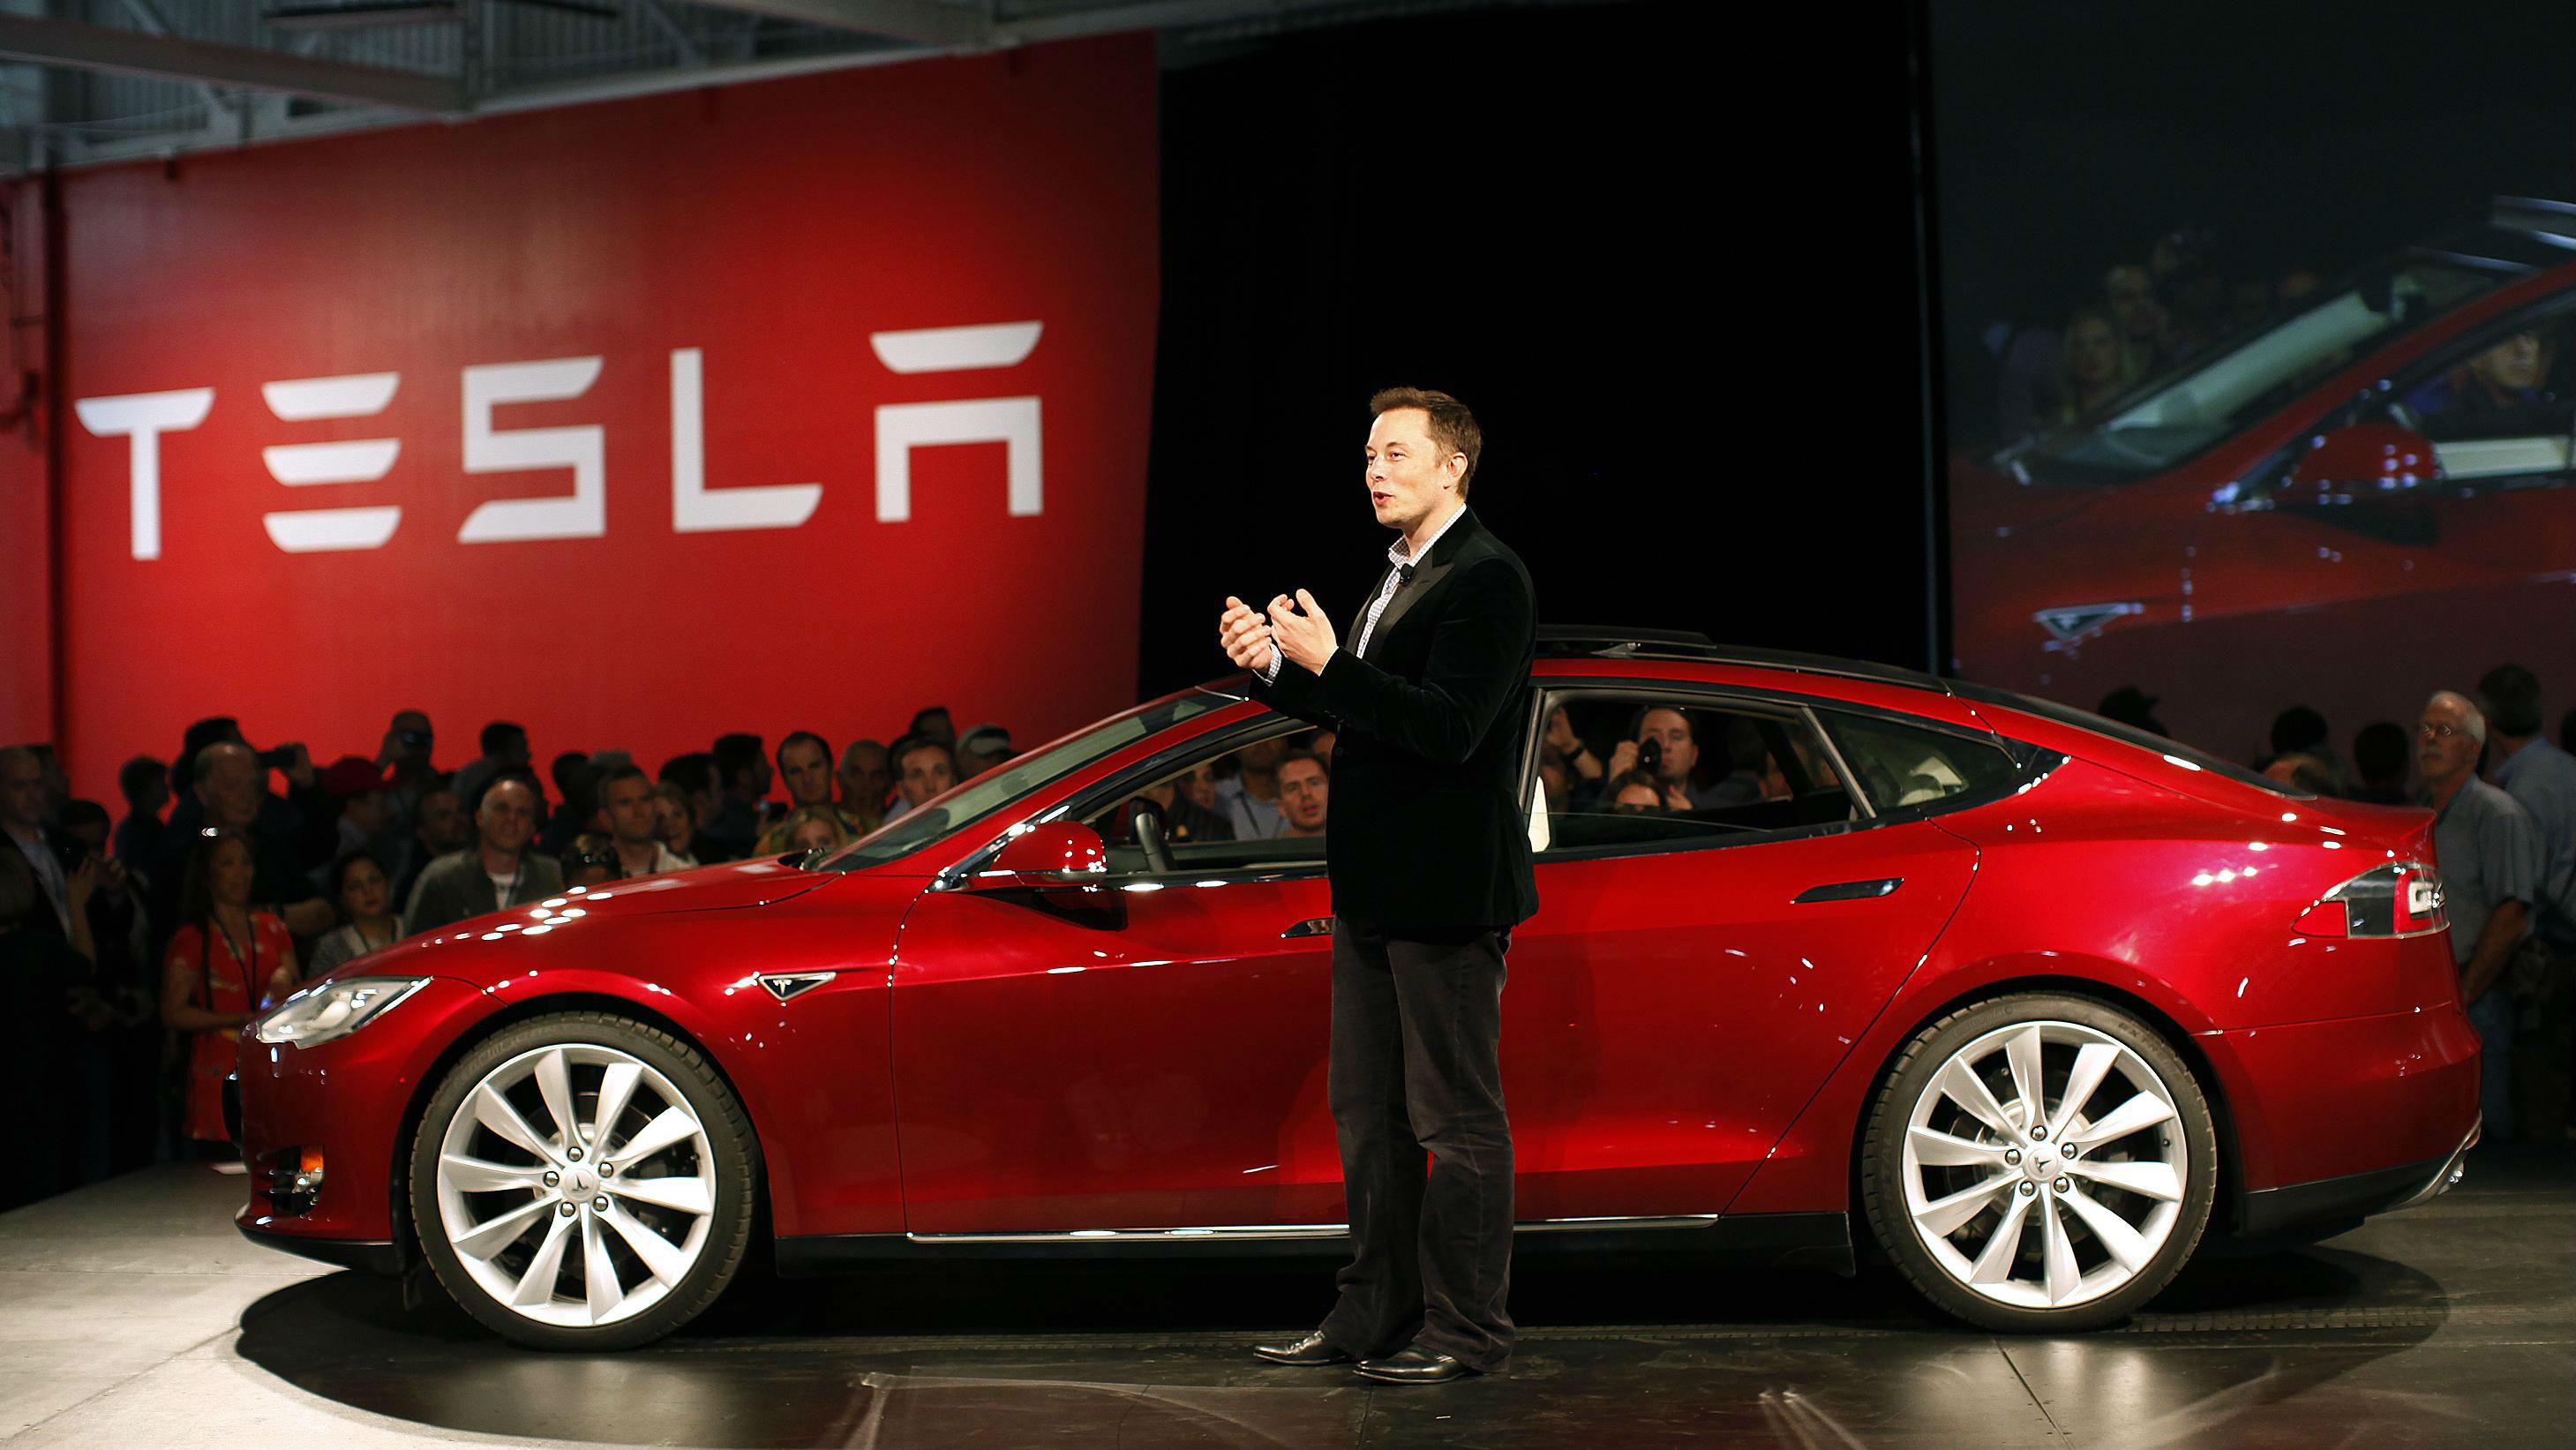 Tesla rritet sërish, kompania e Elon Musk tashmë vlen 800 miliardë dollarë